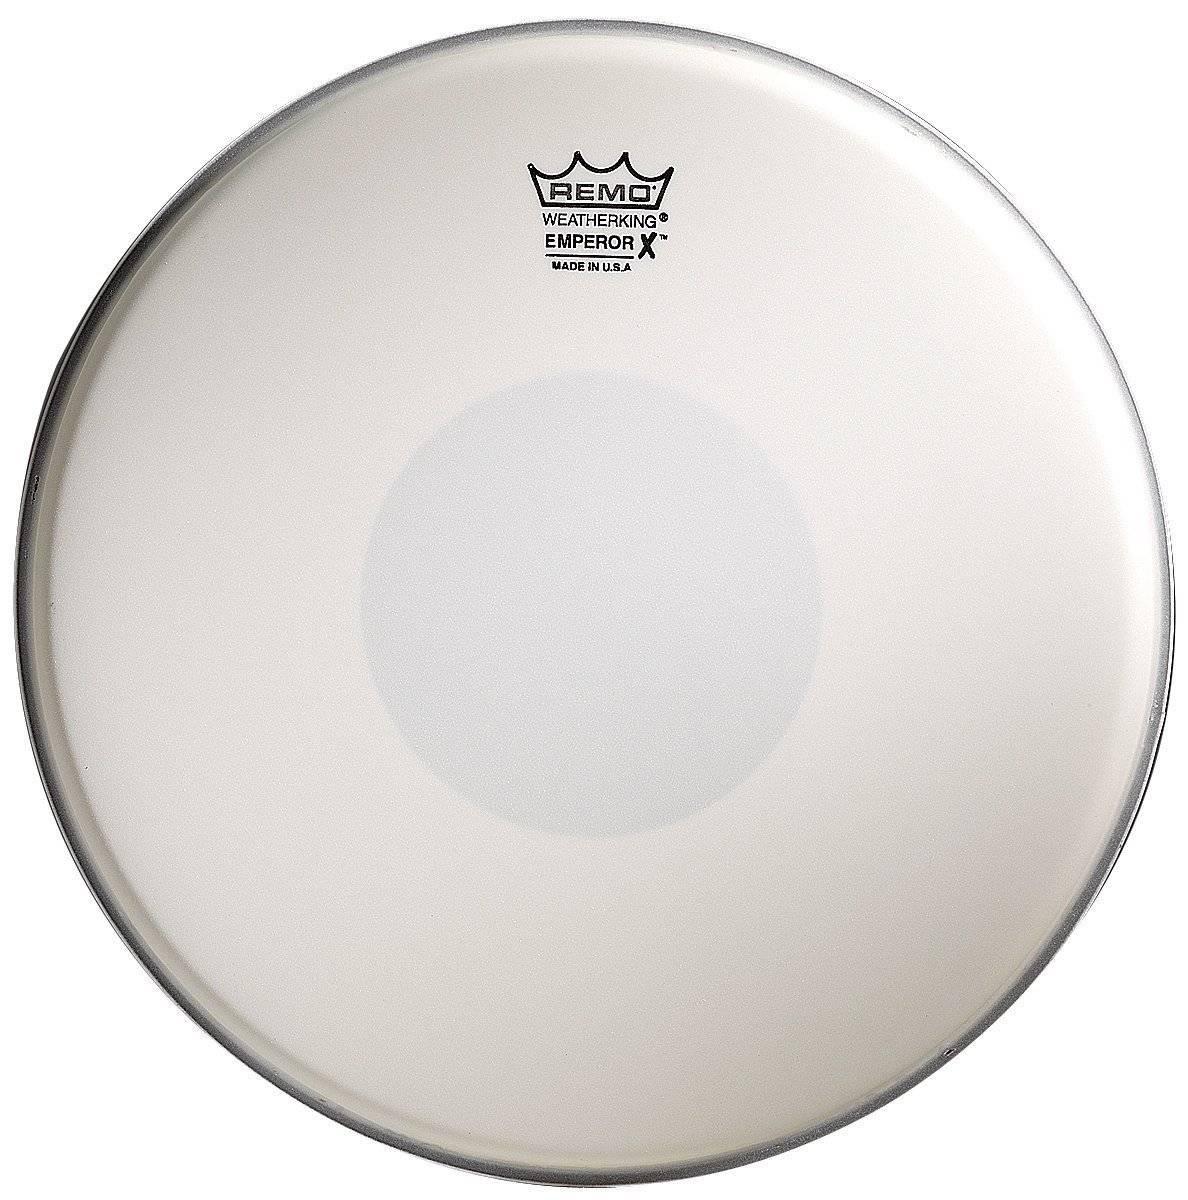 Drum Head Upgrade : best drum heads 2018 upgrade your snare tom bass drum sound ~ Russianpoet.info Haus und Dekorationen